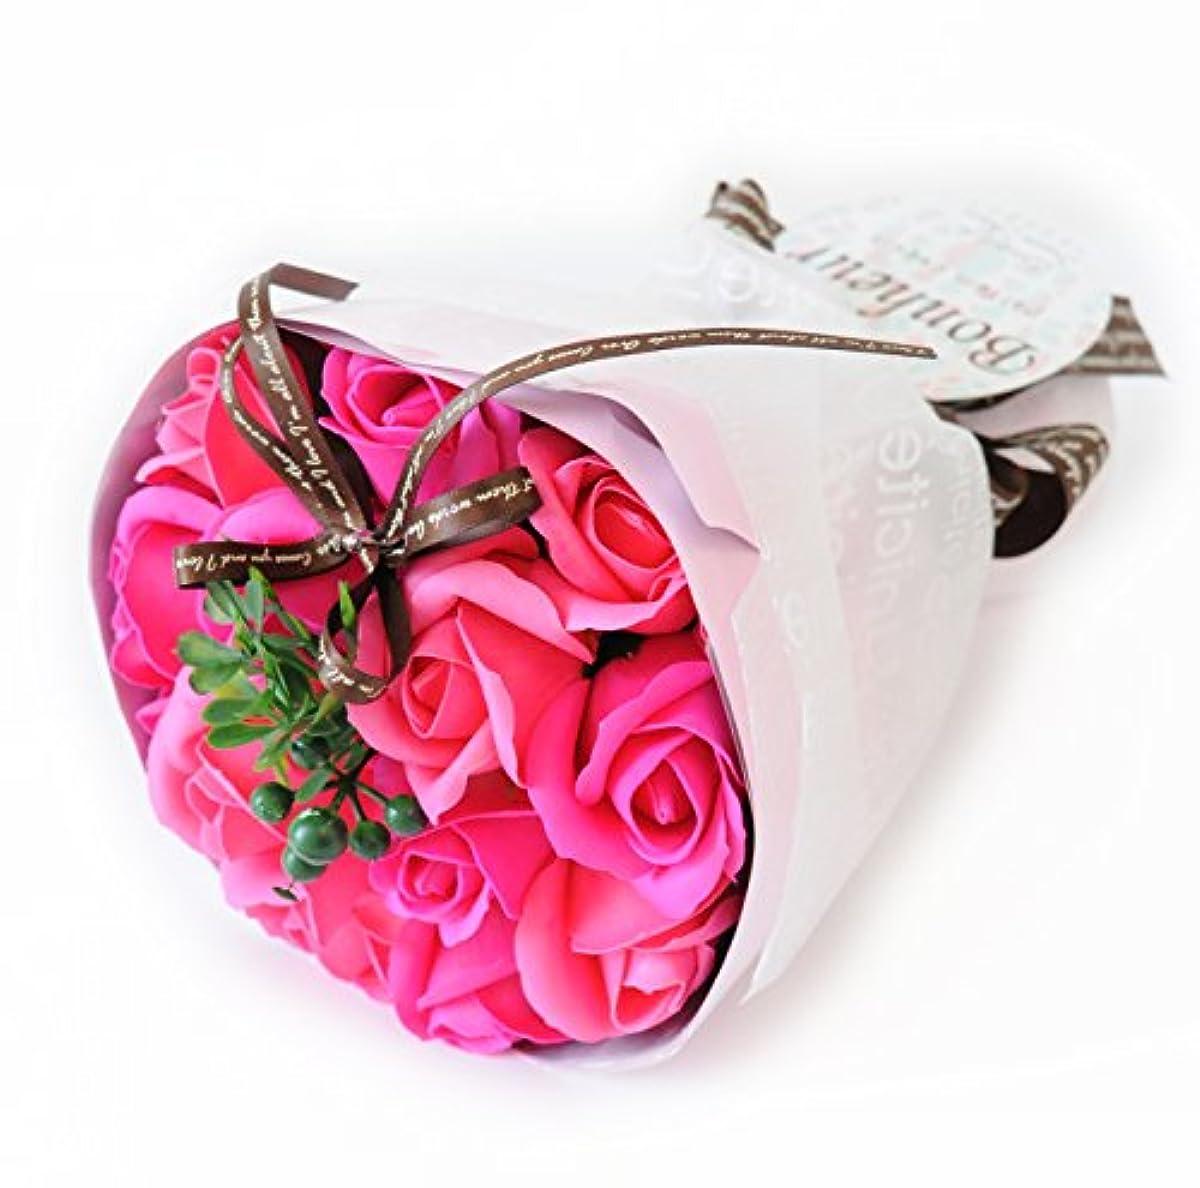 こしょうマニフェスト長方形フラワーマーケット花由 ソープフラワー アロマローズブーケ ビューティー シャボンフラワー フラワーソープ